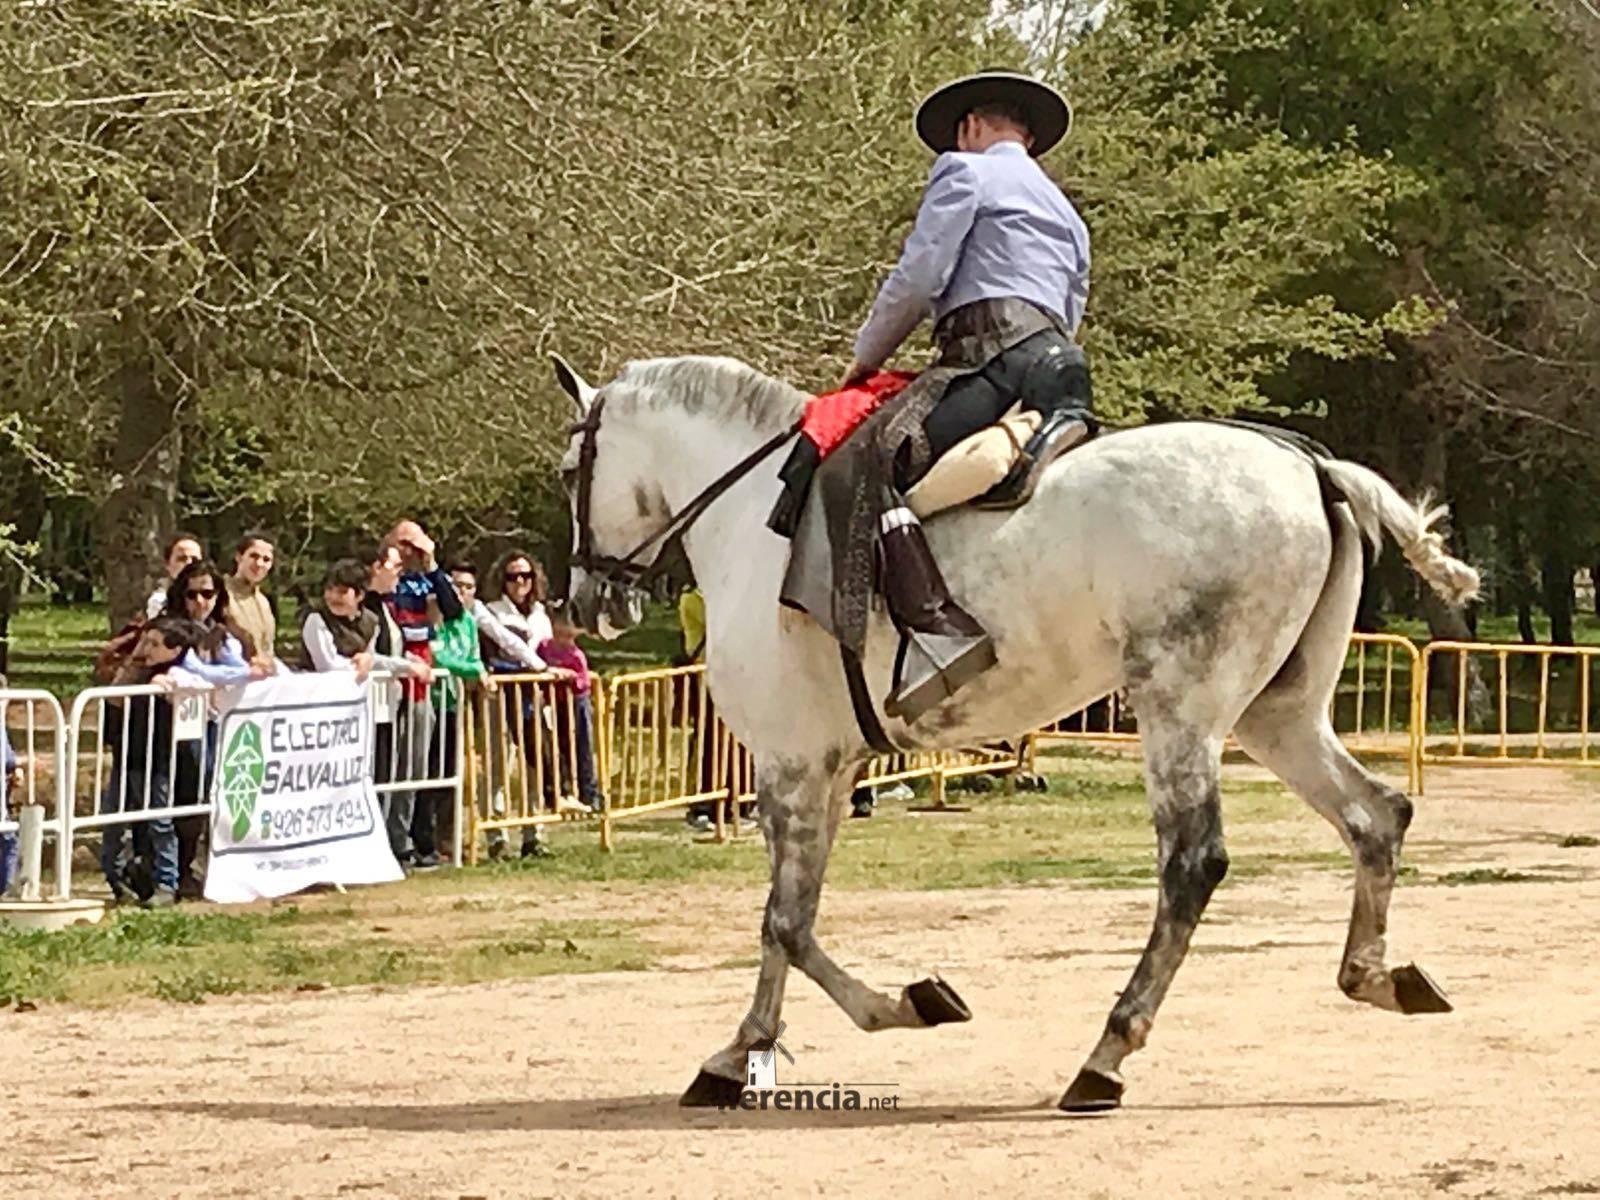 liga social equitacion 2018 herencia ciudad real 2 1